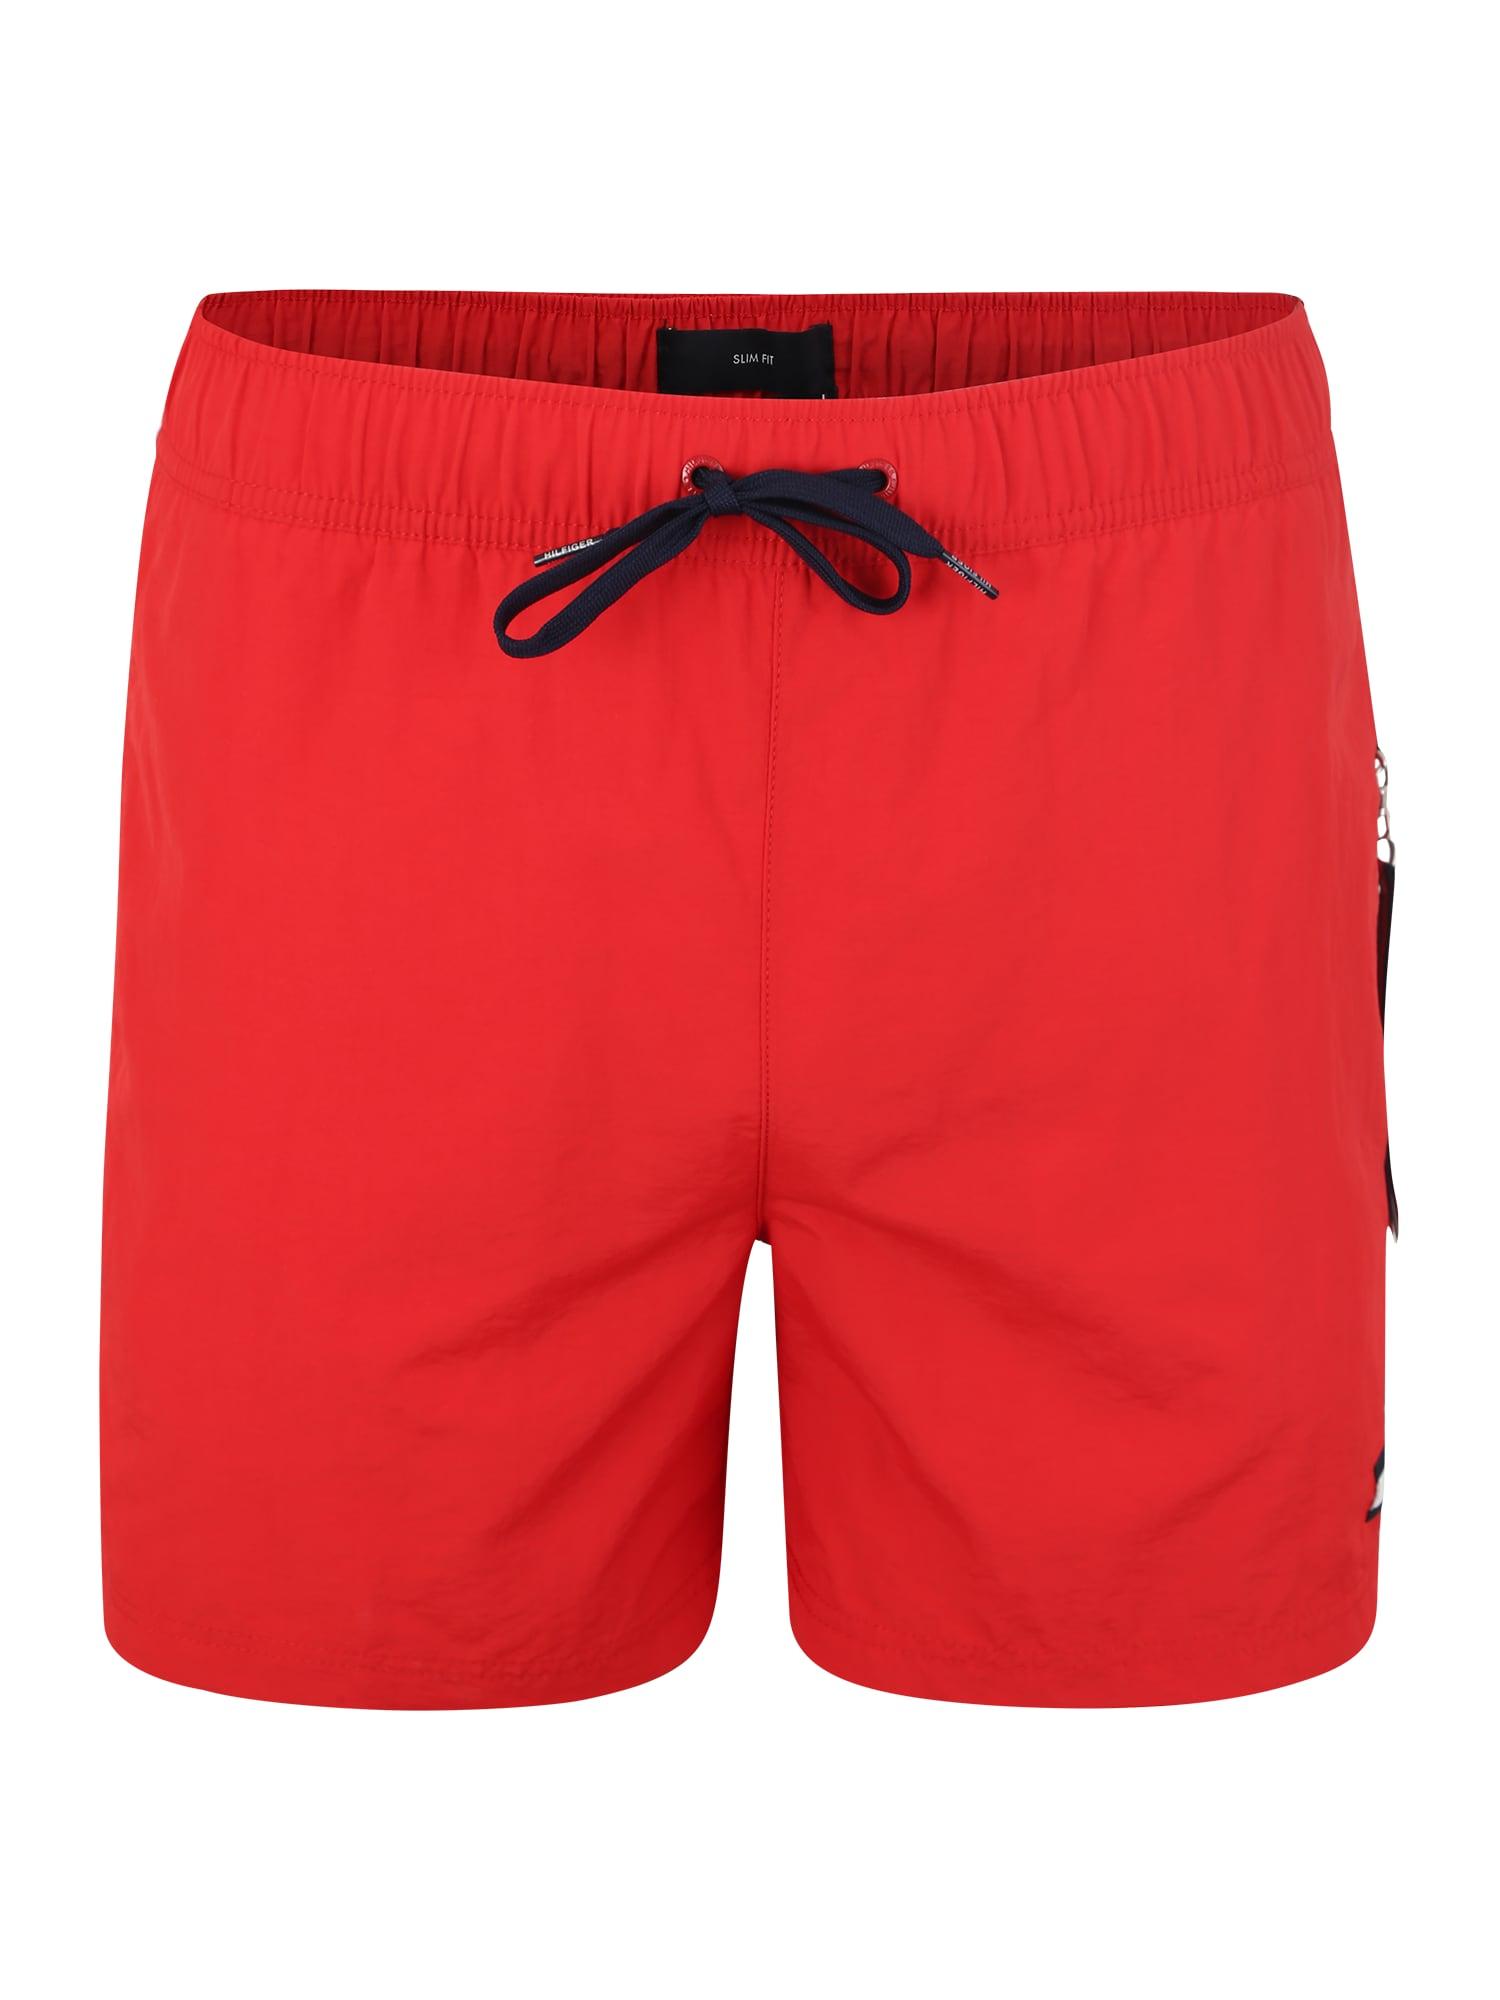 Plavecké šortky SF MEDIUM DRAWSTRING červená Tommy Hilfiger Underwear